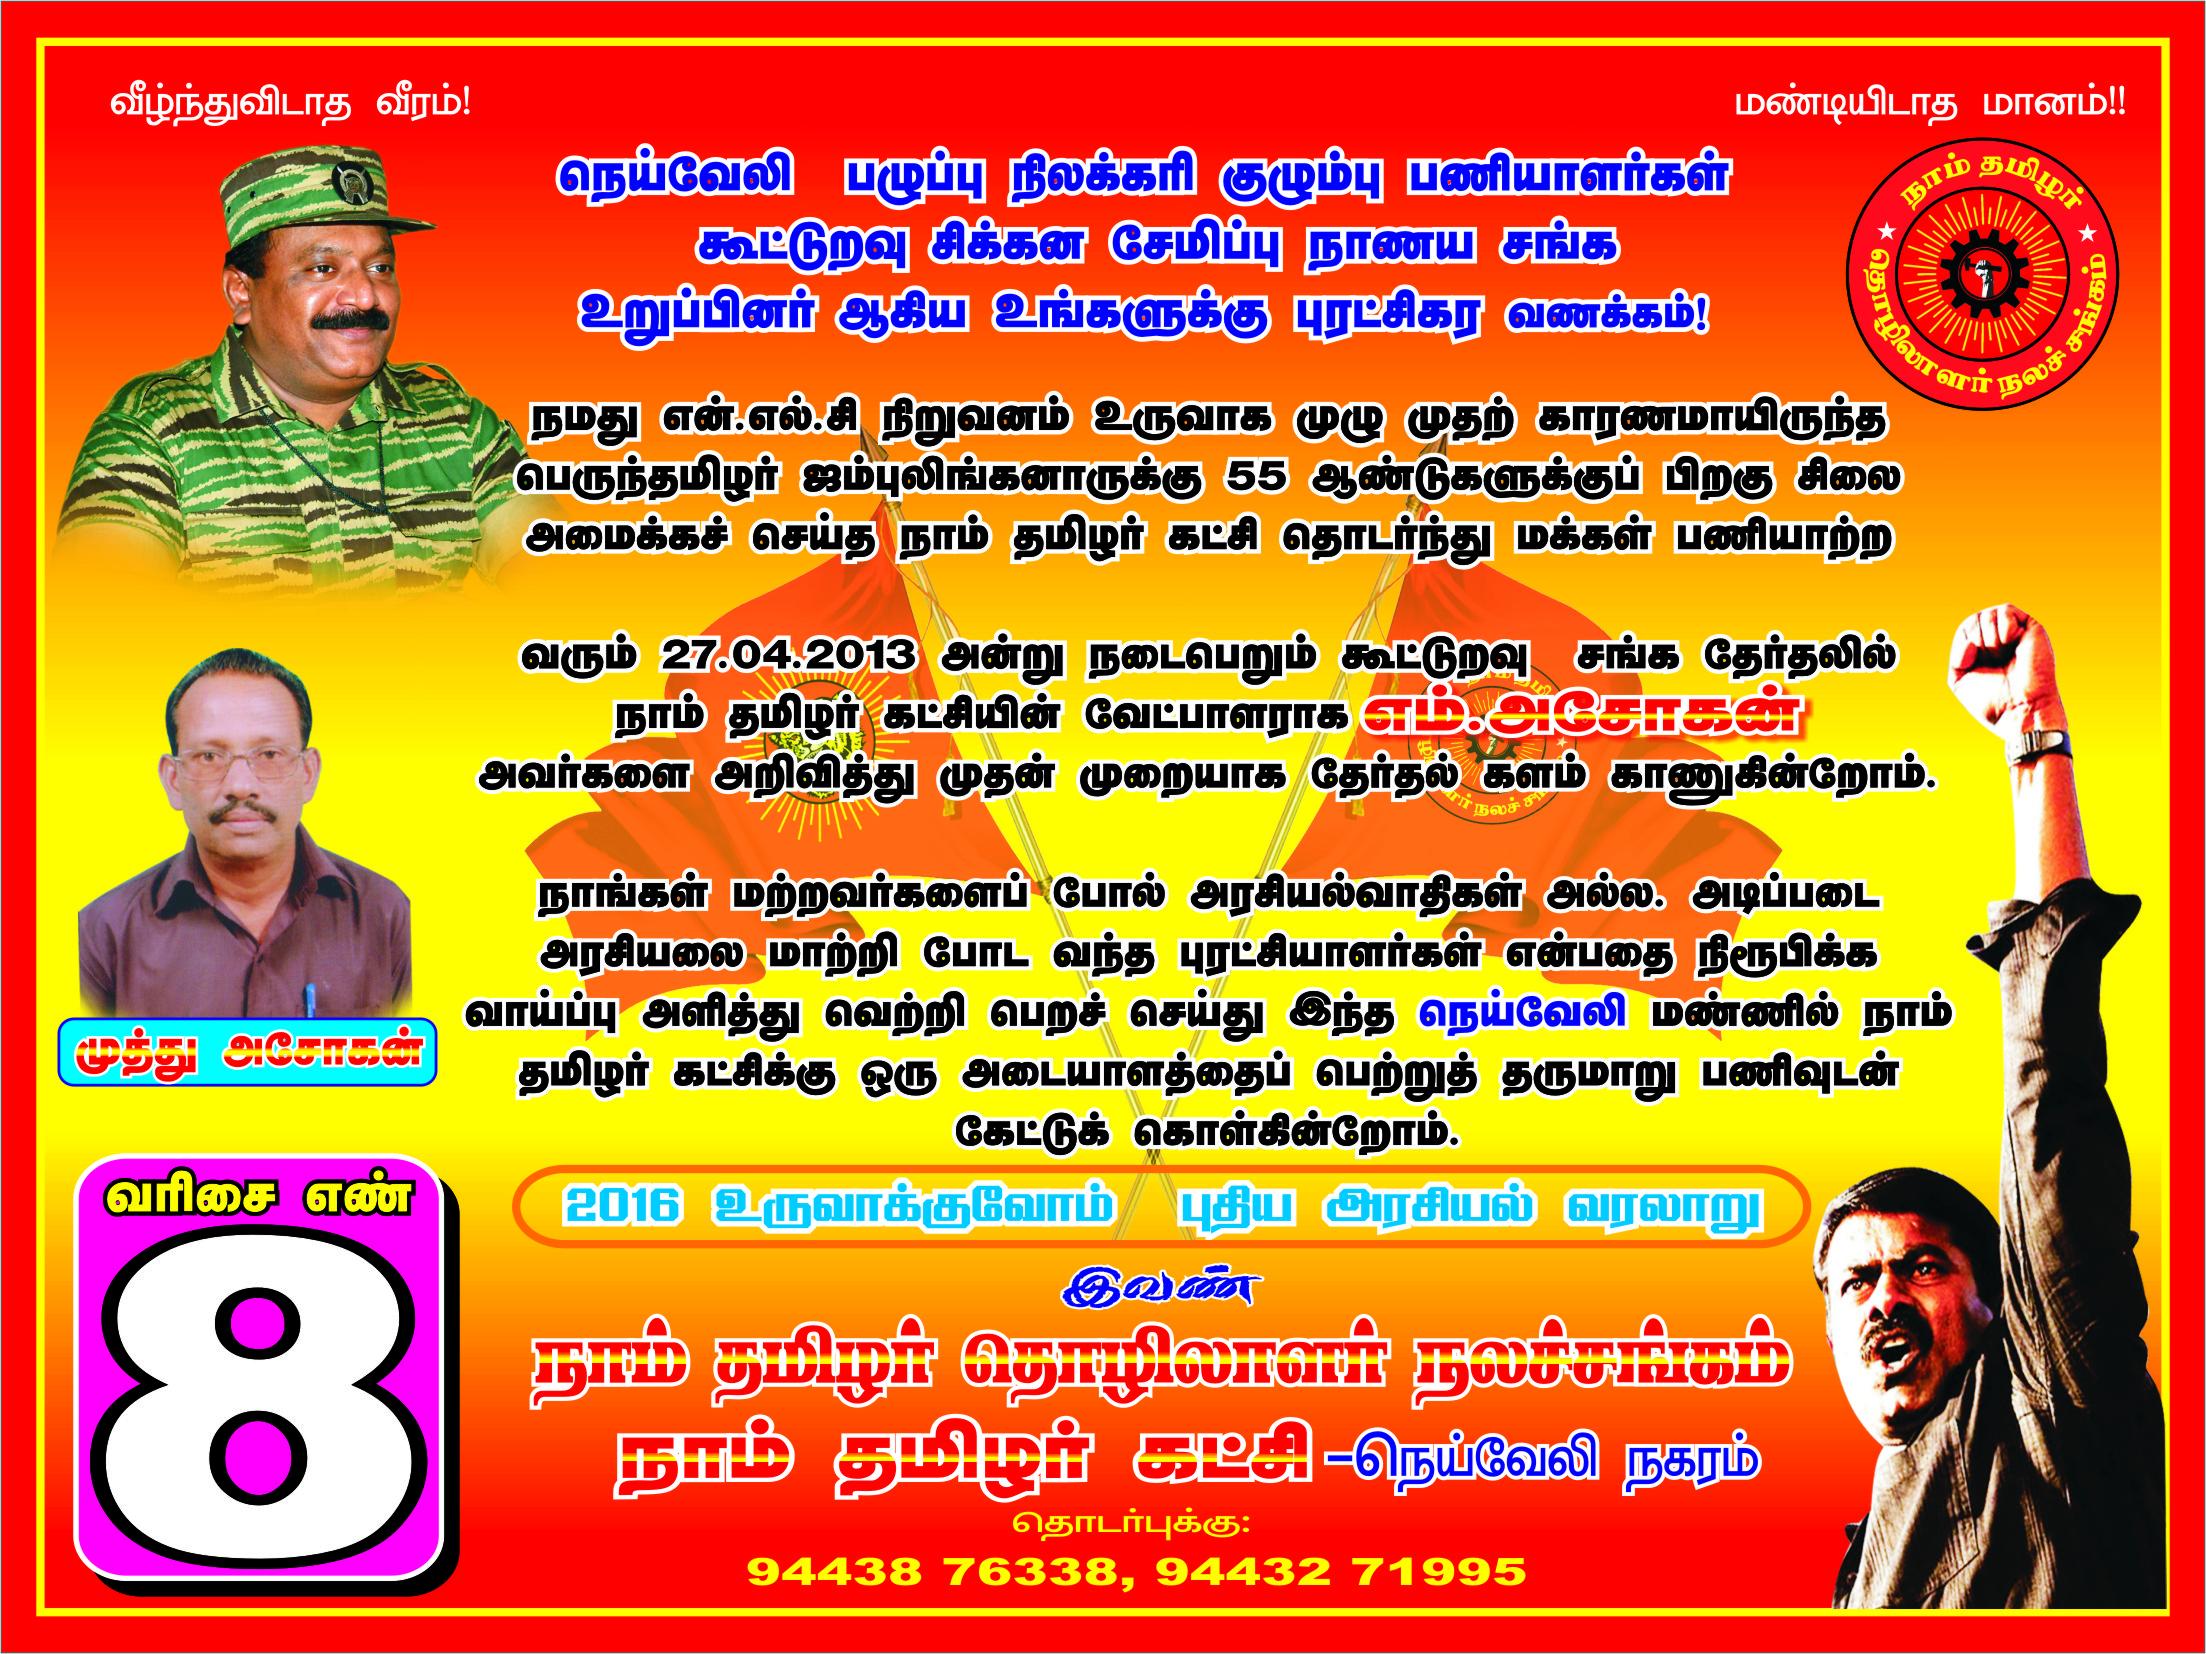 நெய்வேலி பழுப்பு நிலக்கரி குழும்பு பணியாளர்கள் கூட்டுறவு சங்க தேர்தல் neyveli